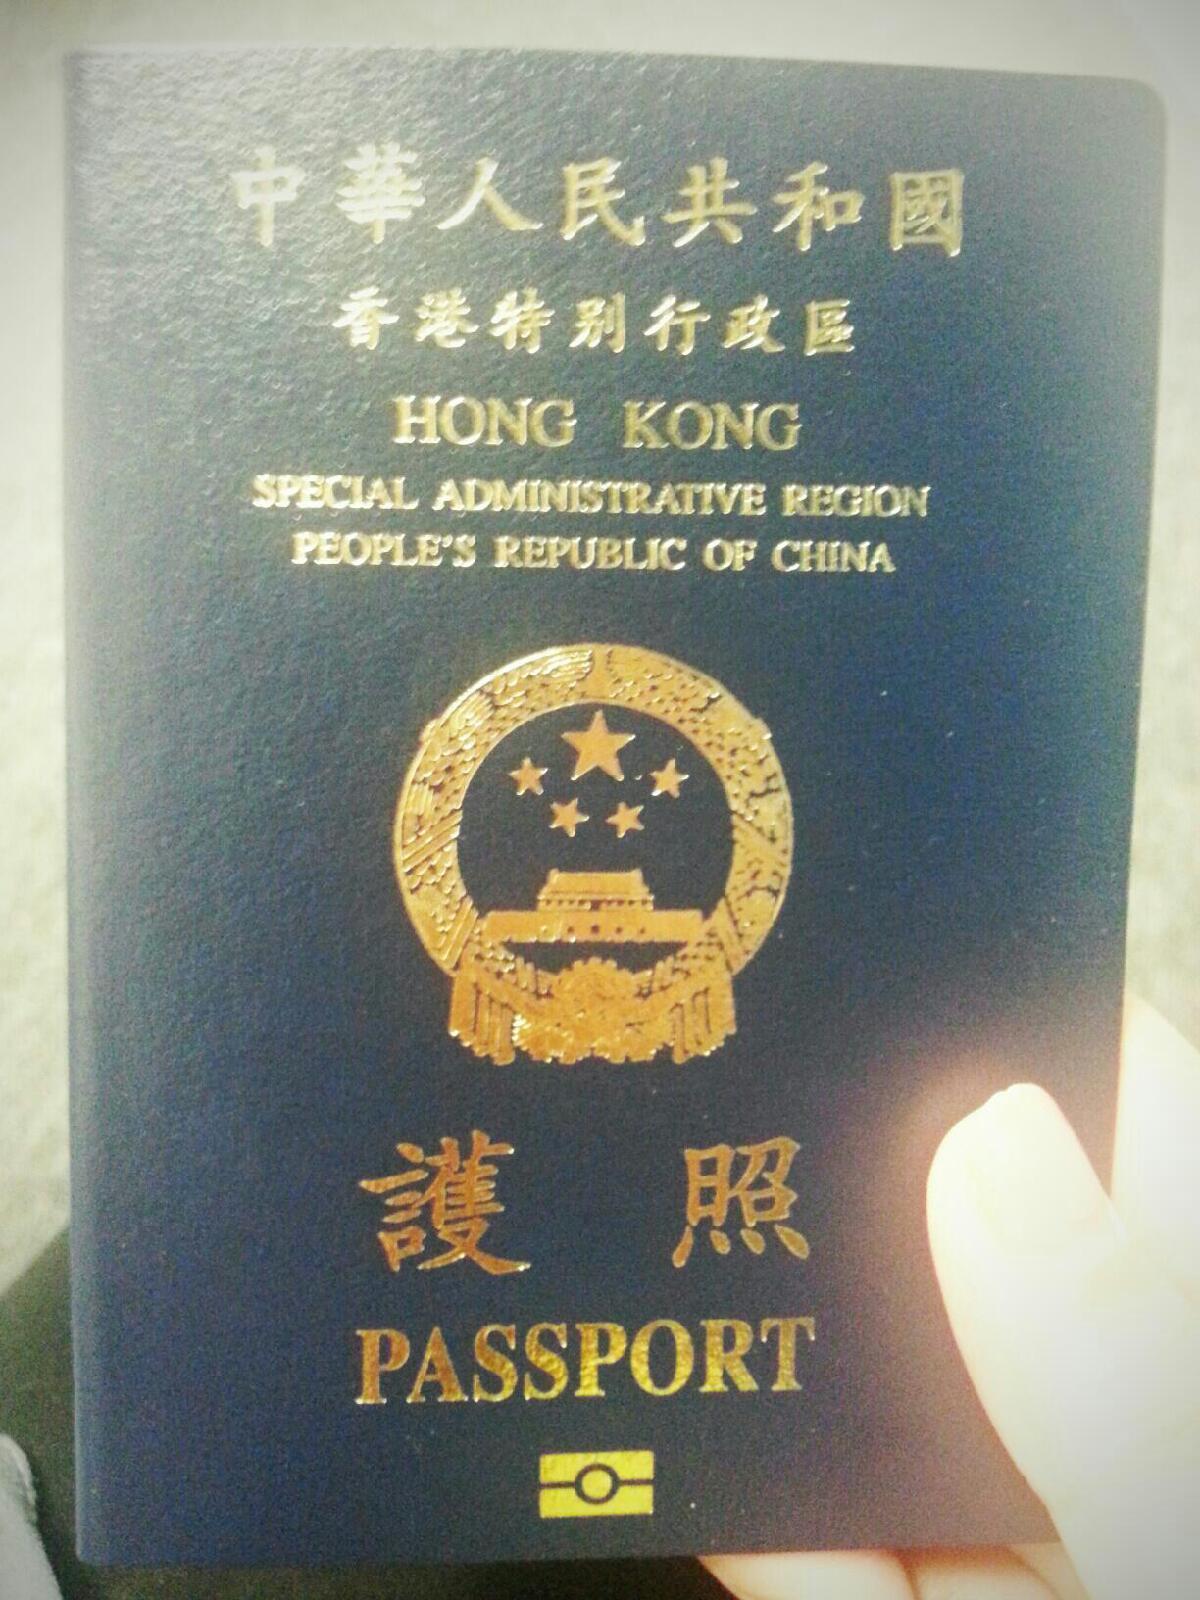 好不容易熬了七年終於拿到特區護照 - 香港高登討論區